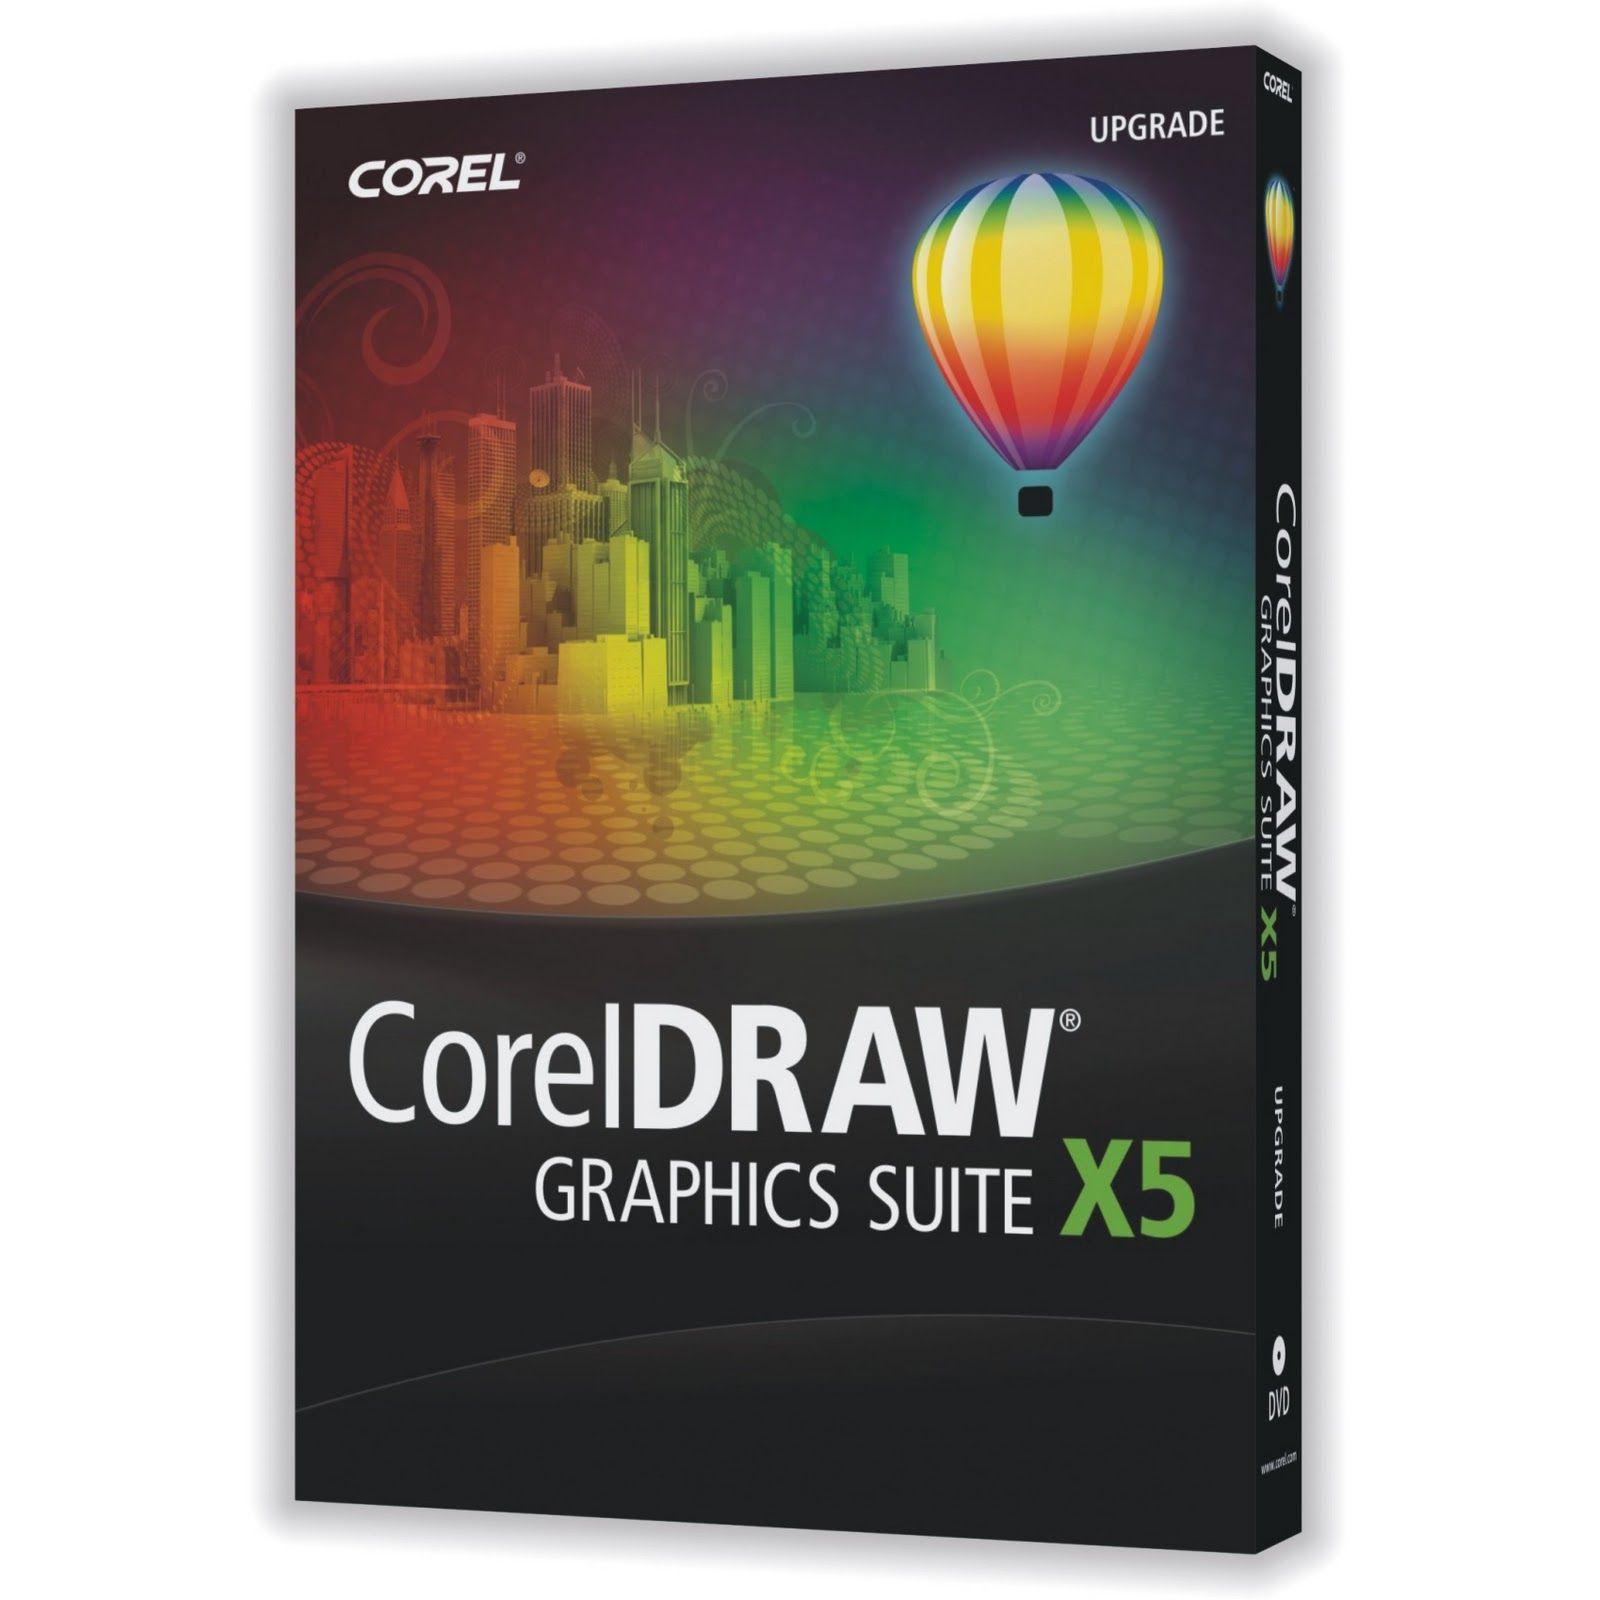 CorelDRAW X5 No Superdownloads   Download De Jogos, Programas, Softwares,  Antivirus, Aplicativos Grátis Em XP/Vista/7